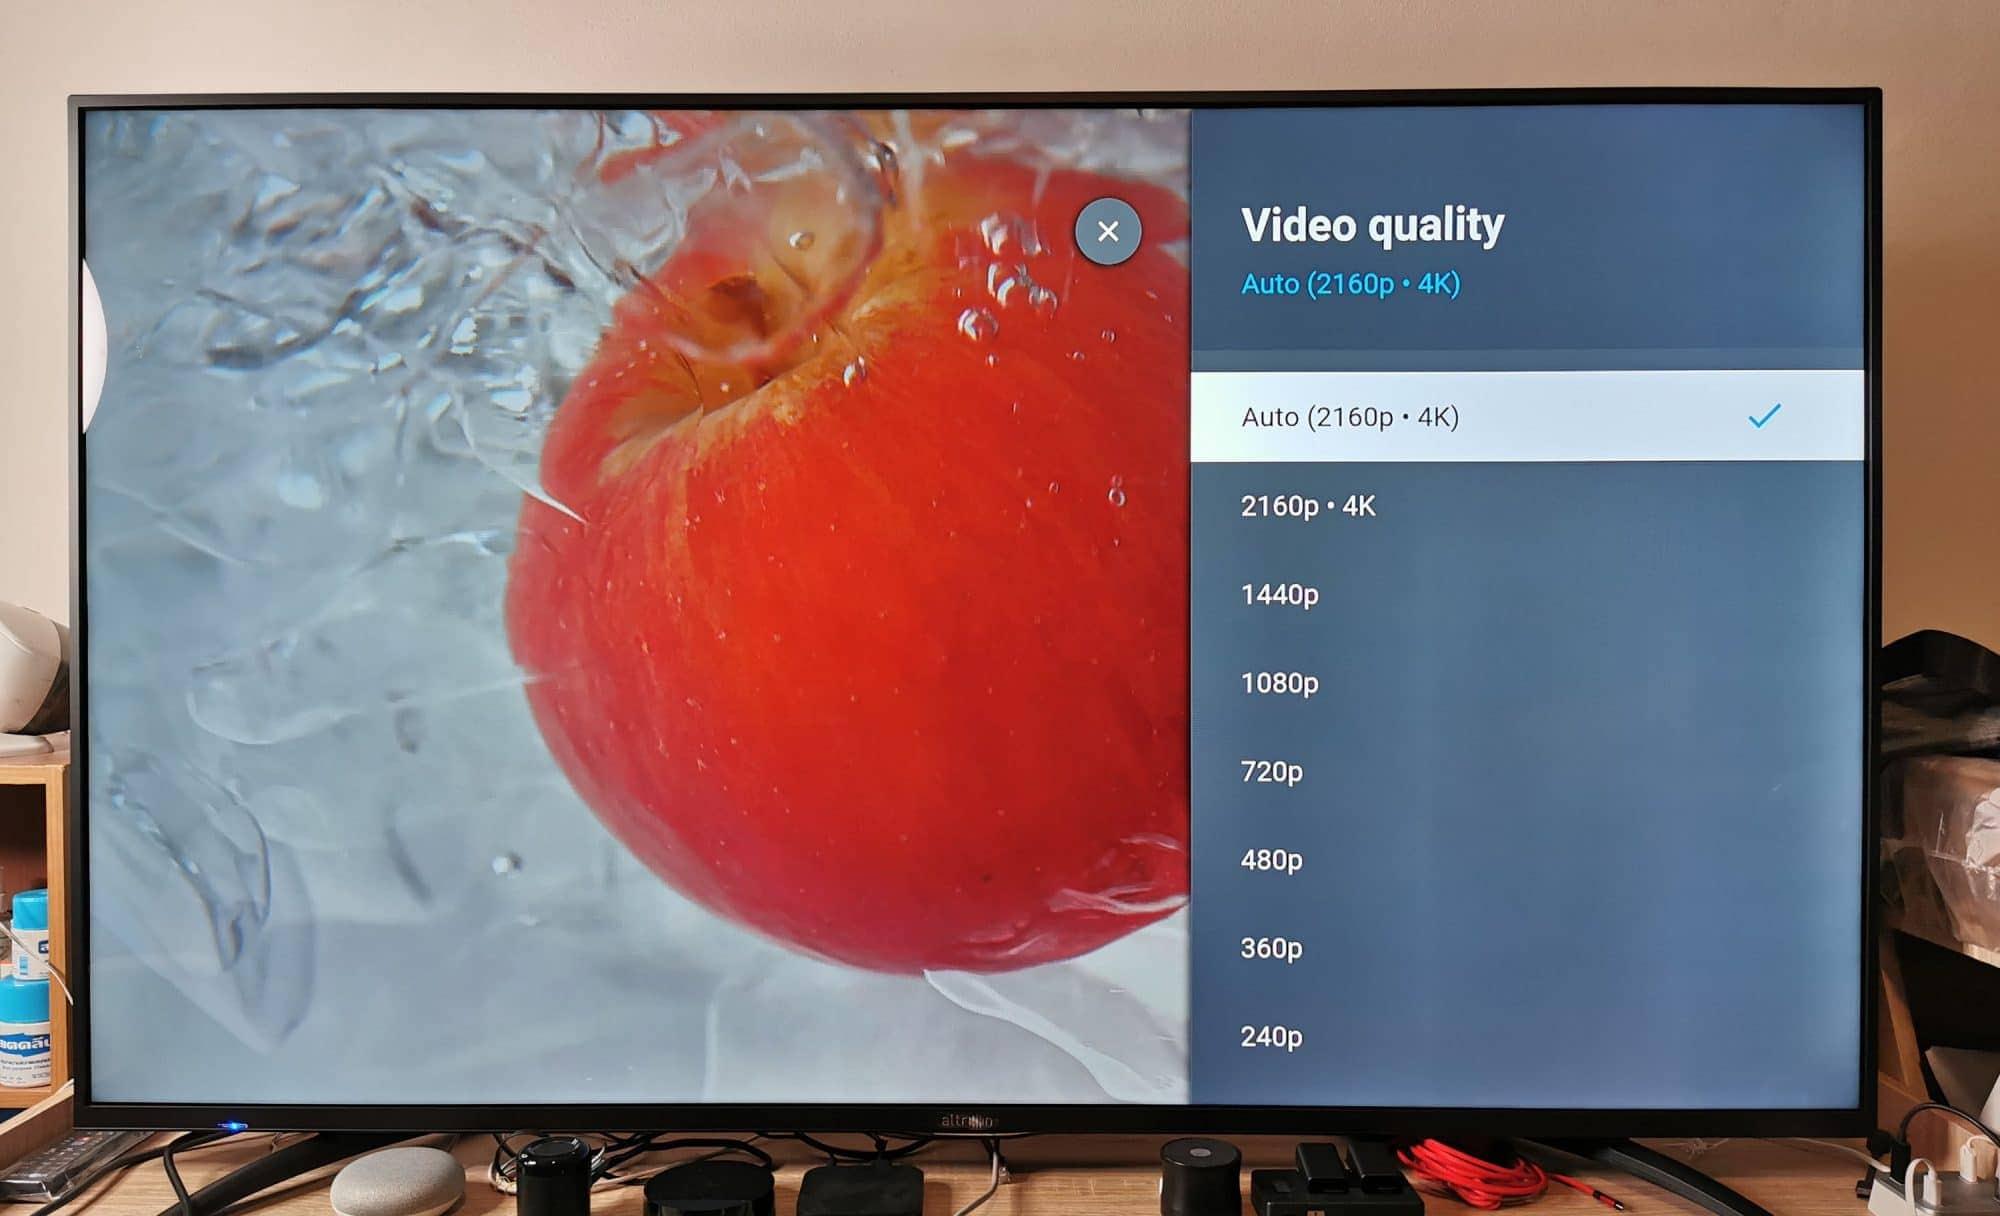 รีวิว altron smart tv 4k 65 นิ้ว ของดีสุดคุ้มภาคต่อของธานินทร์ - รีวิว altron Smart TV 4K 65 นิ้ว ของดีสุดคุ้มภาคต่อของธานินทร์